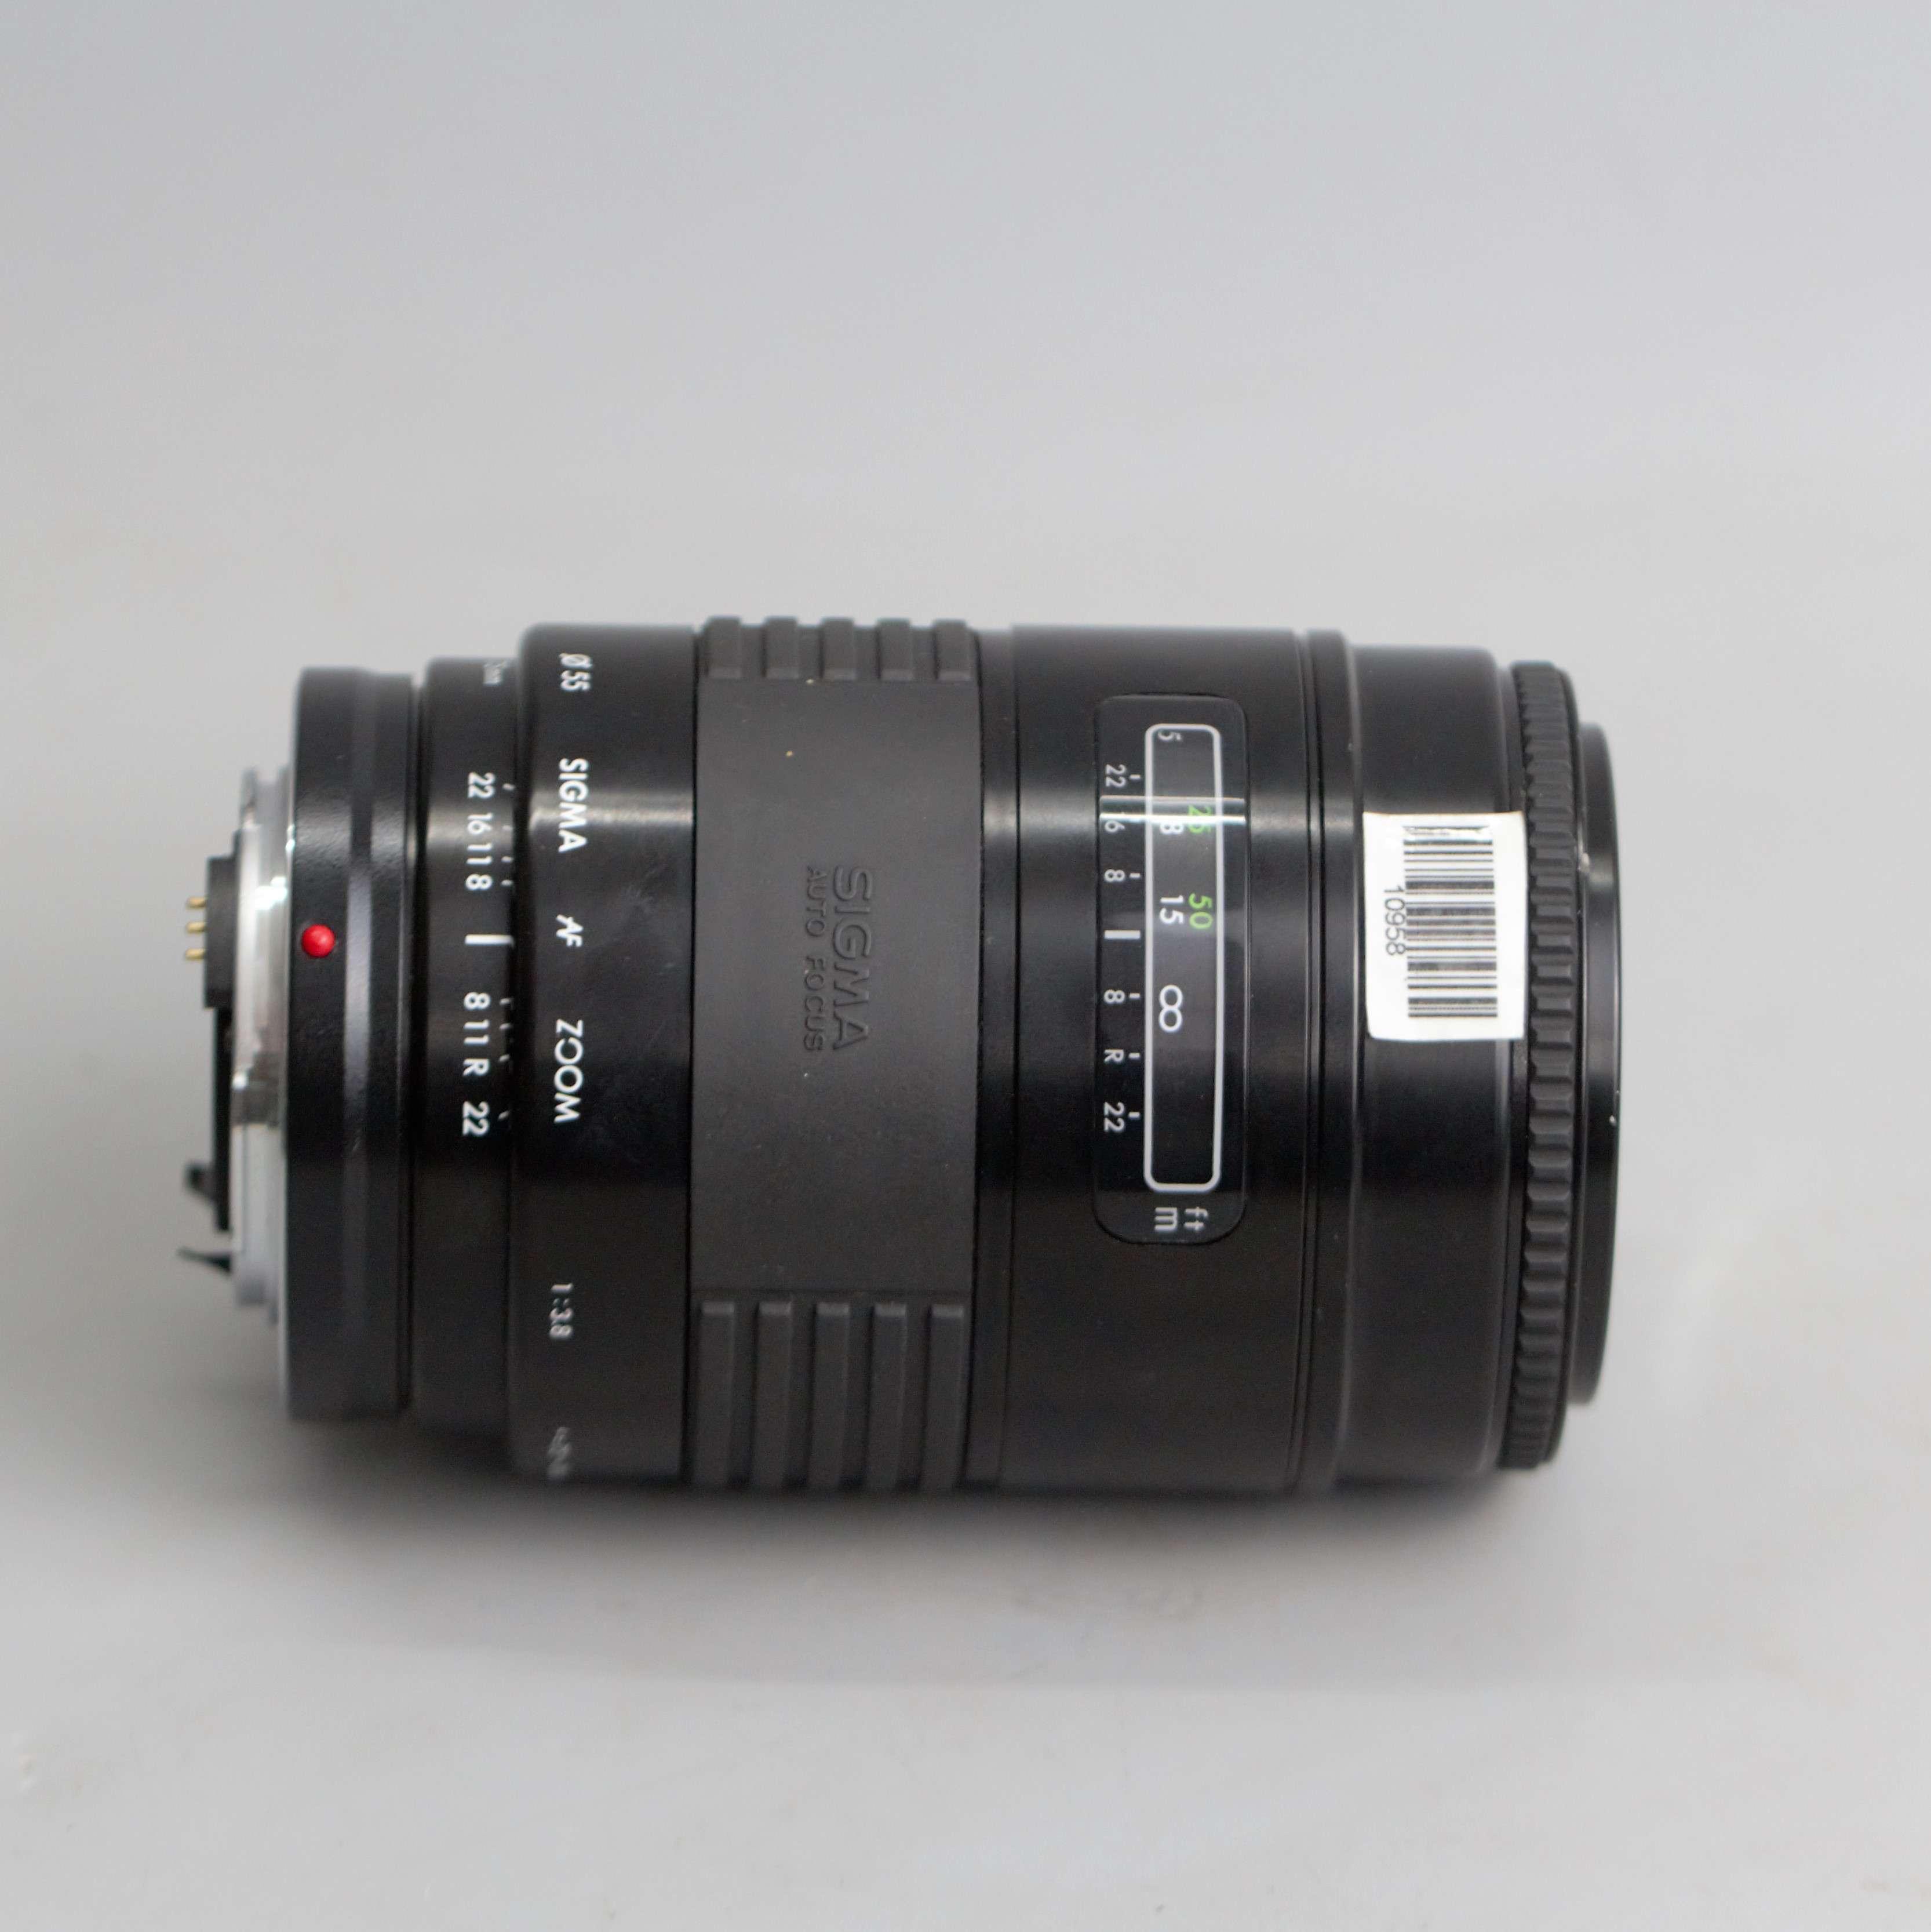 sigma-75-200mm-f3-8-af-mf-olympus-om-carl-zeiss-75-200-3-8-10958